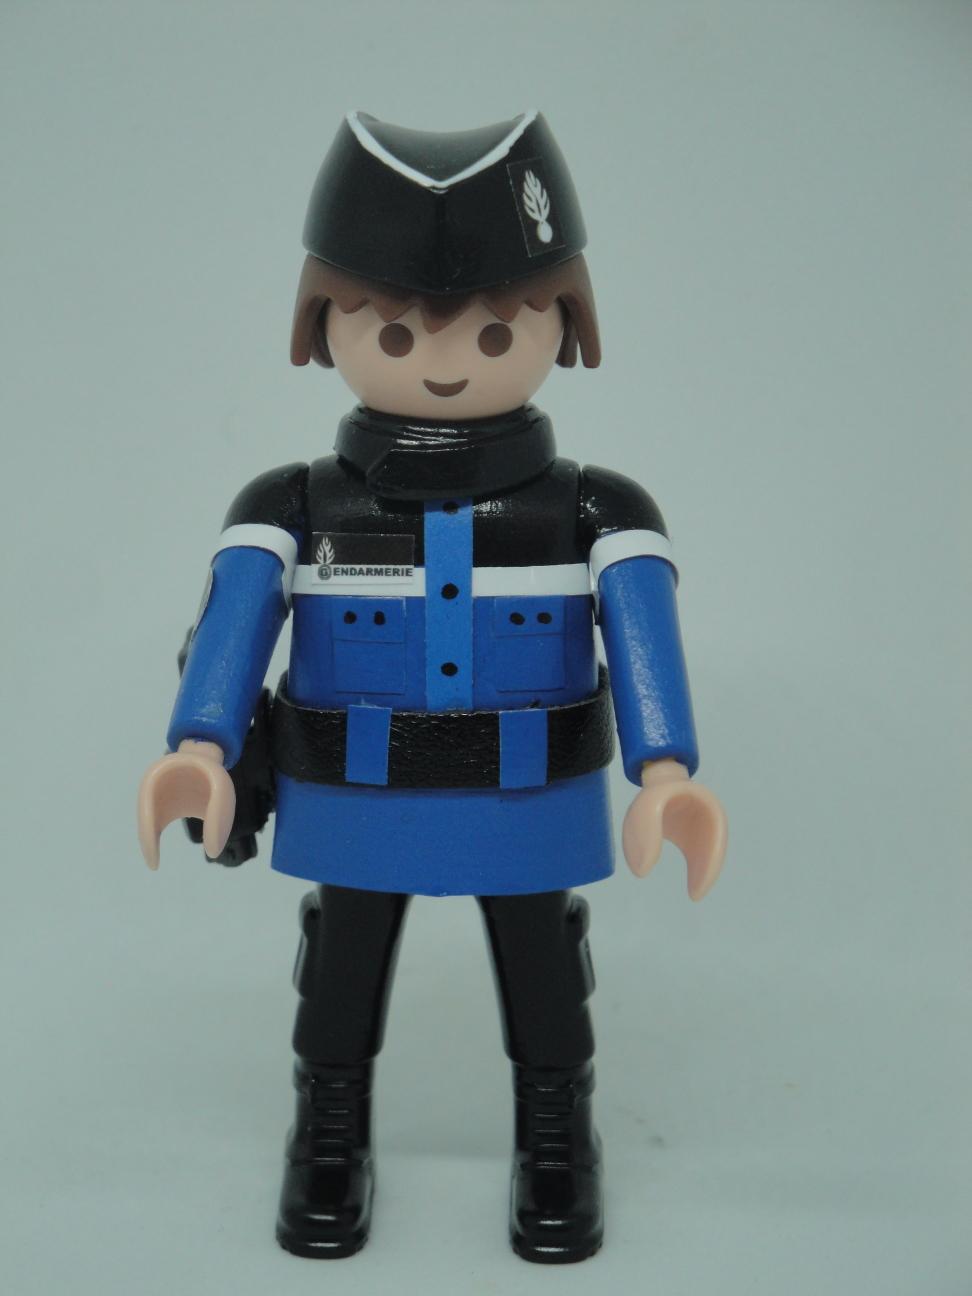 Playmobil personalizado con uniforme de Gendarmerie francesa hombre